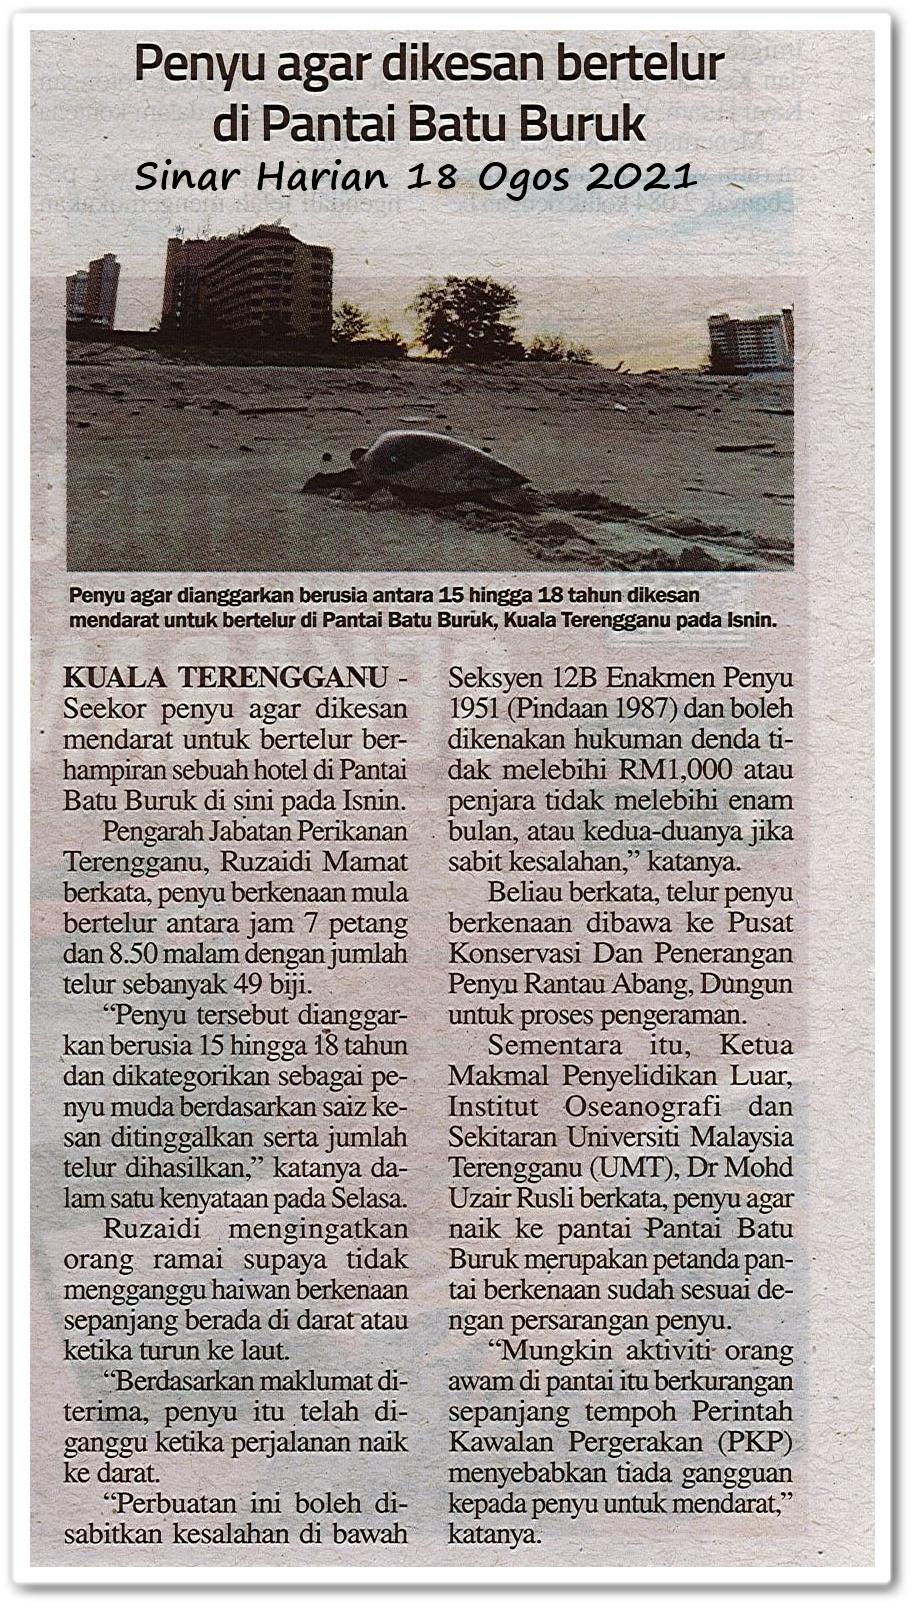 Penyu agar dikesan bertelur di Pantai Batu Buruk - Keratan akhbar Sinar Harian 18 Ogos 2021